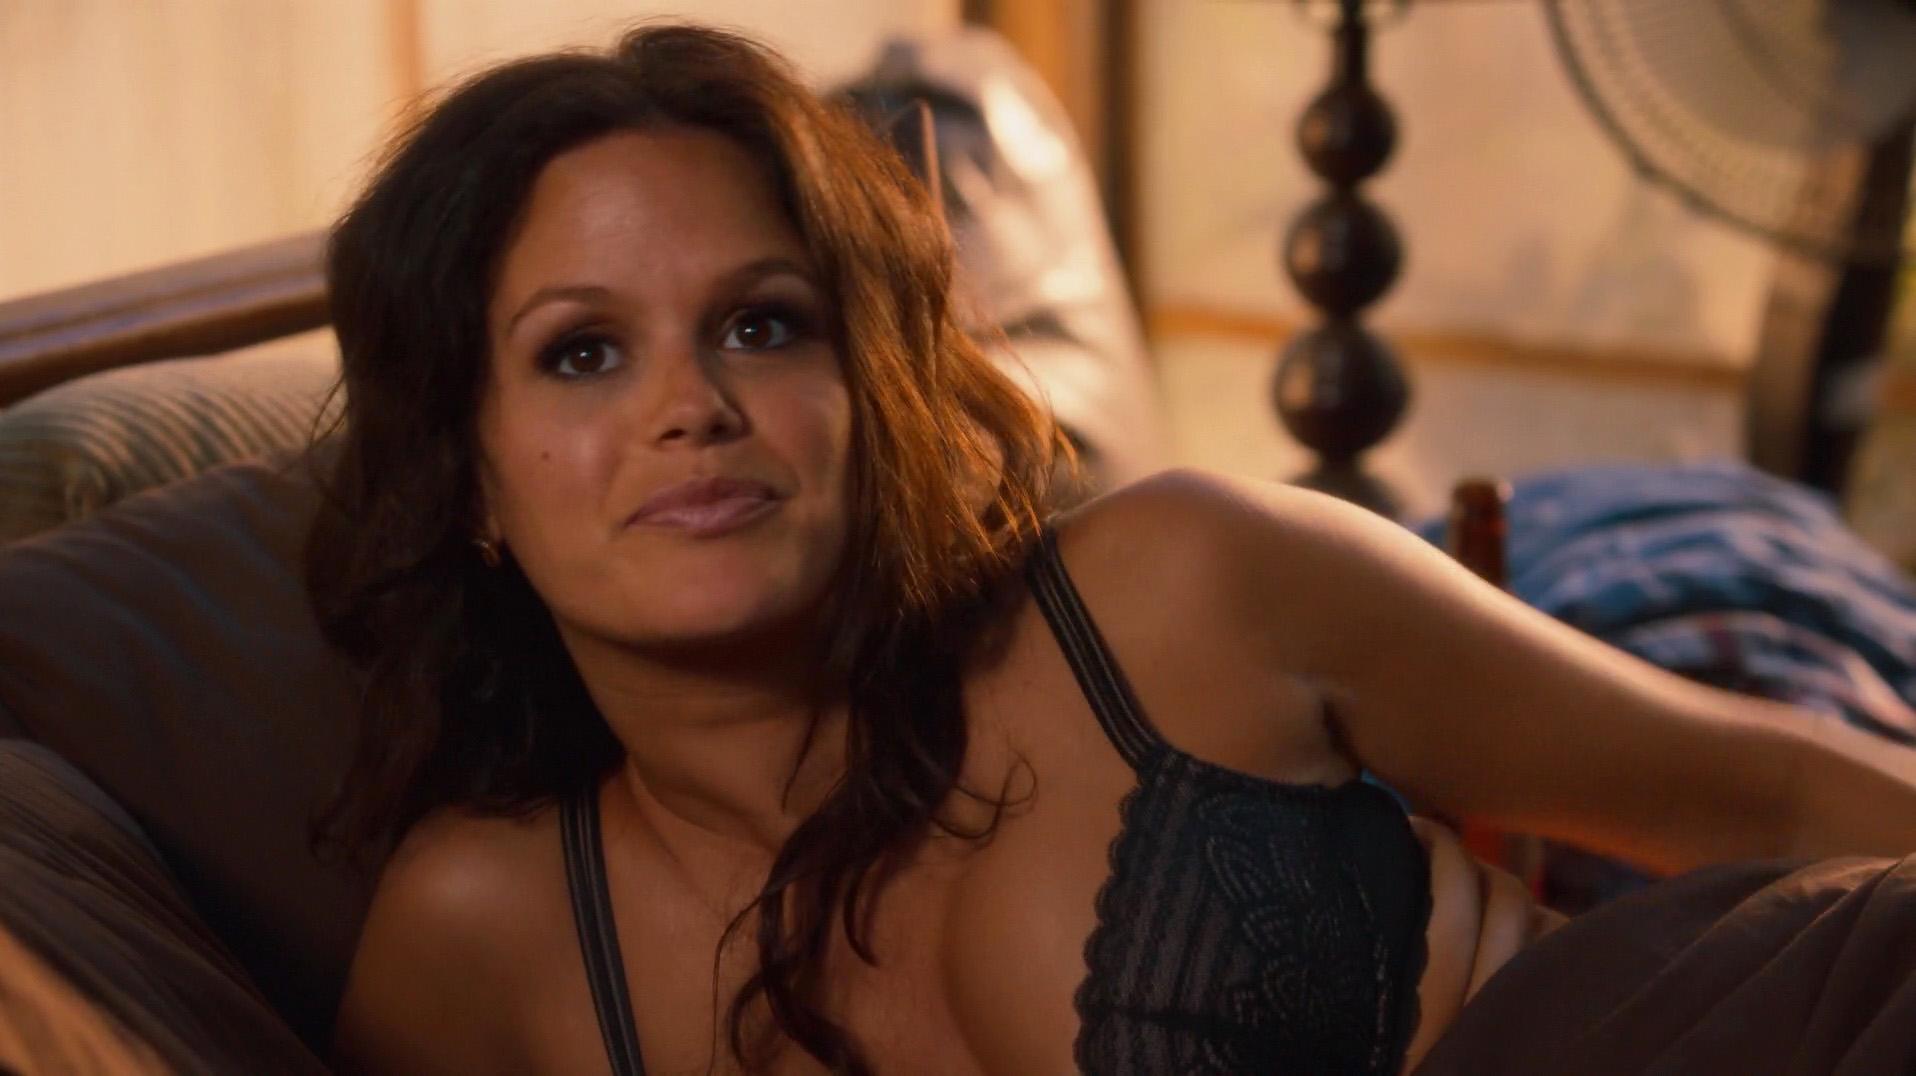 Rachel bilson sex scenes